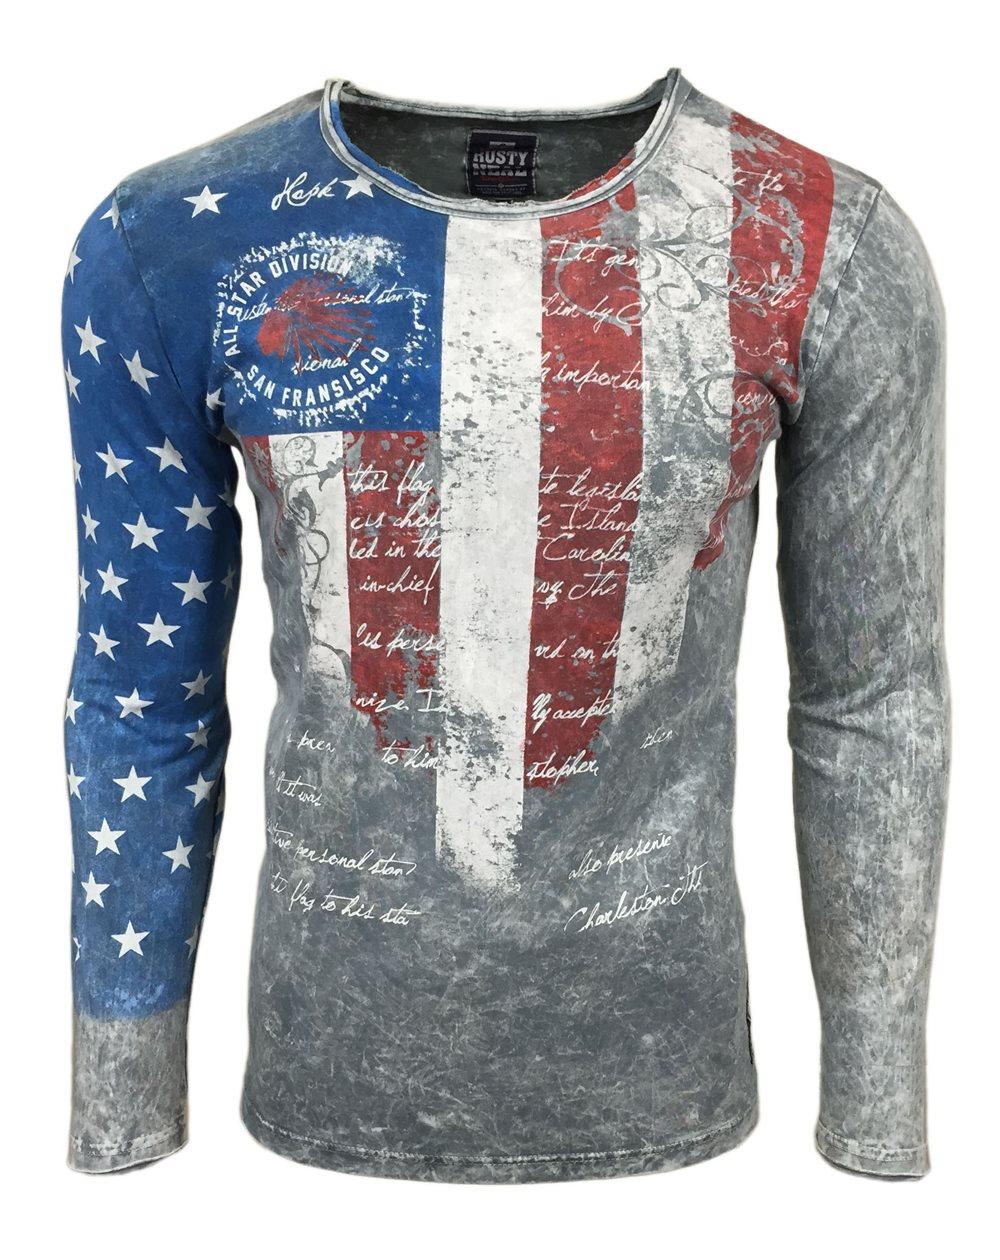 Subliminal Mode - Tee shirt delaver homme manches longues col arrondi drapeaux état unis SB10124